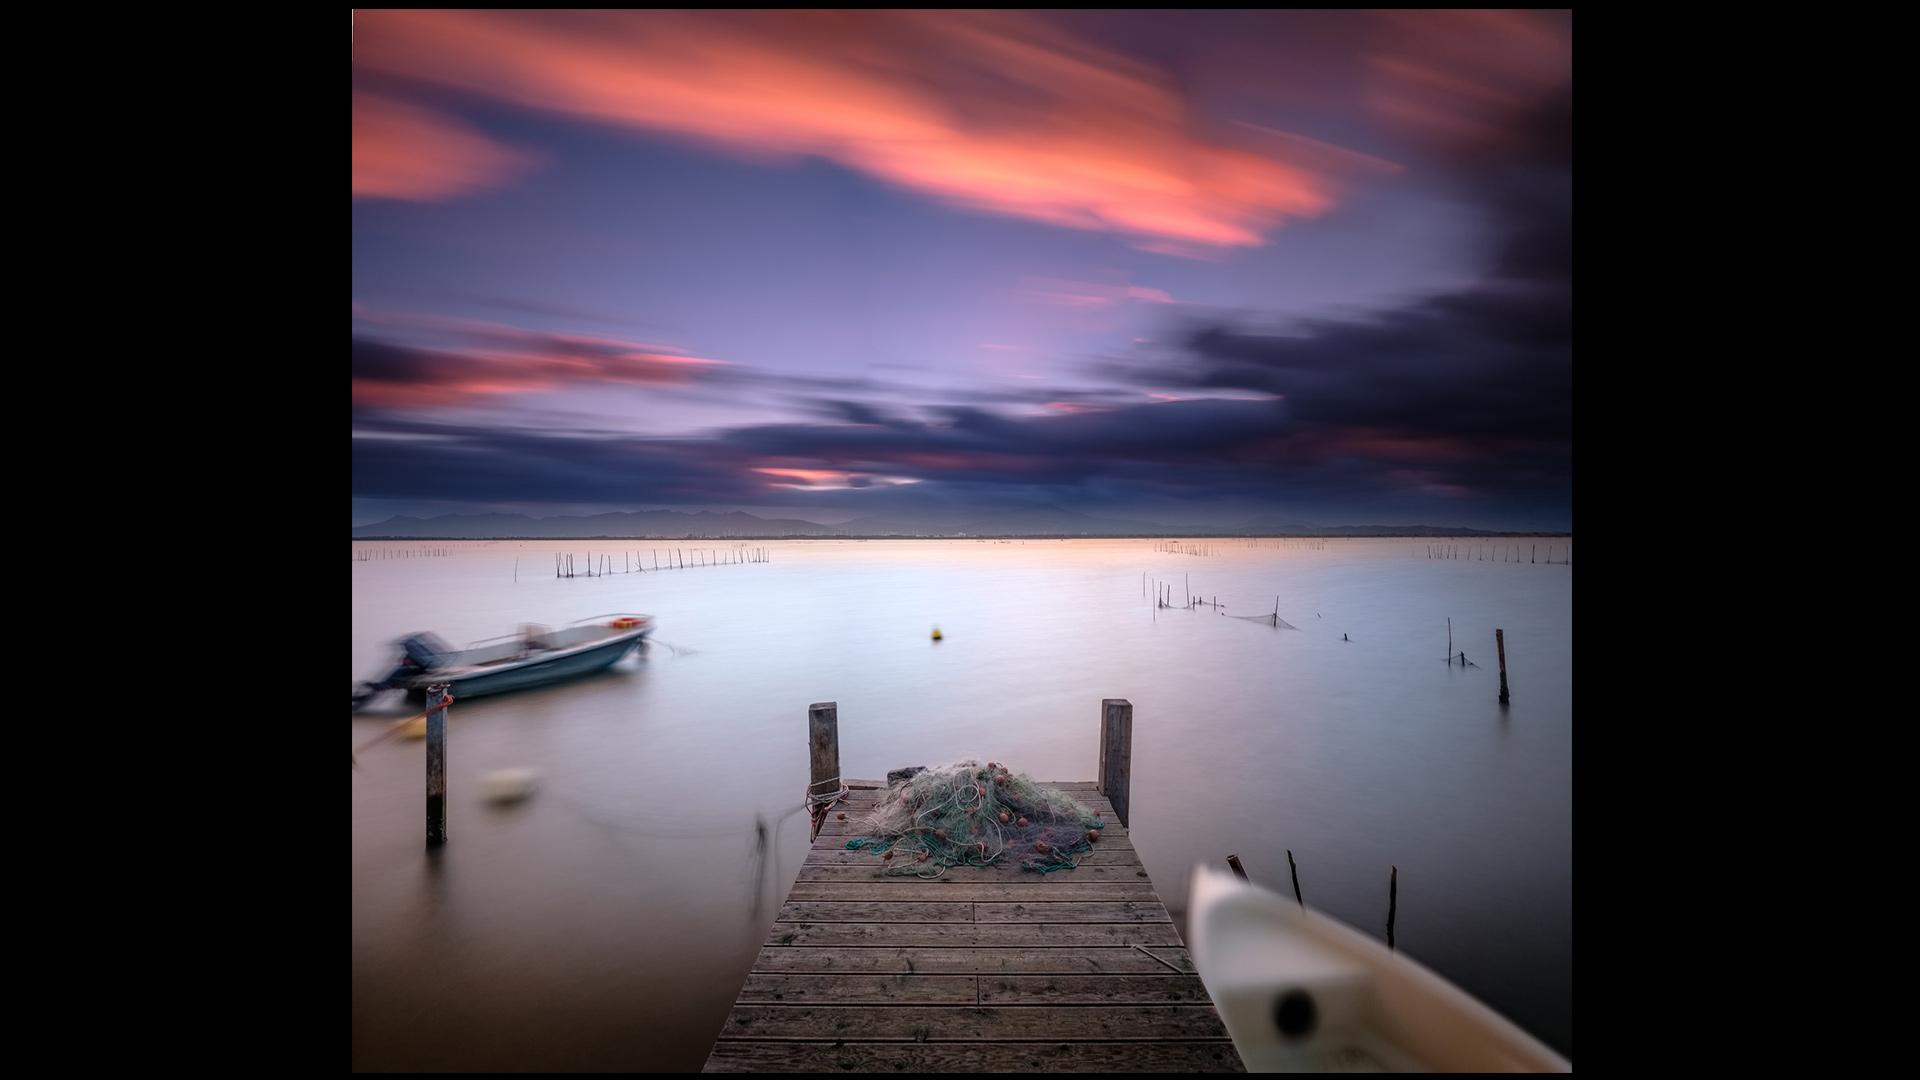 Outdoor   Photographer: Davide IbizaCurator: Rob Sylvan